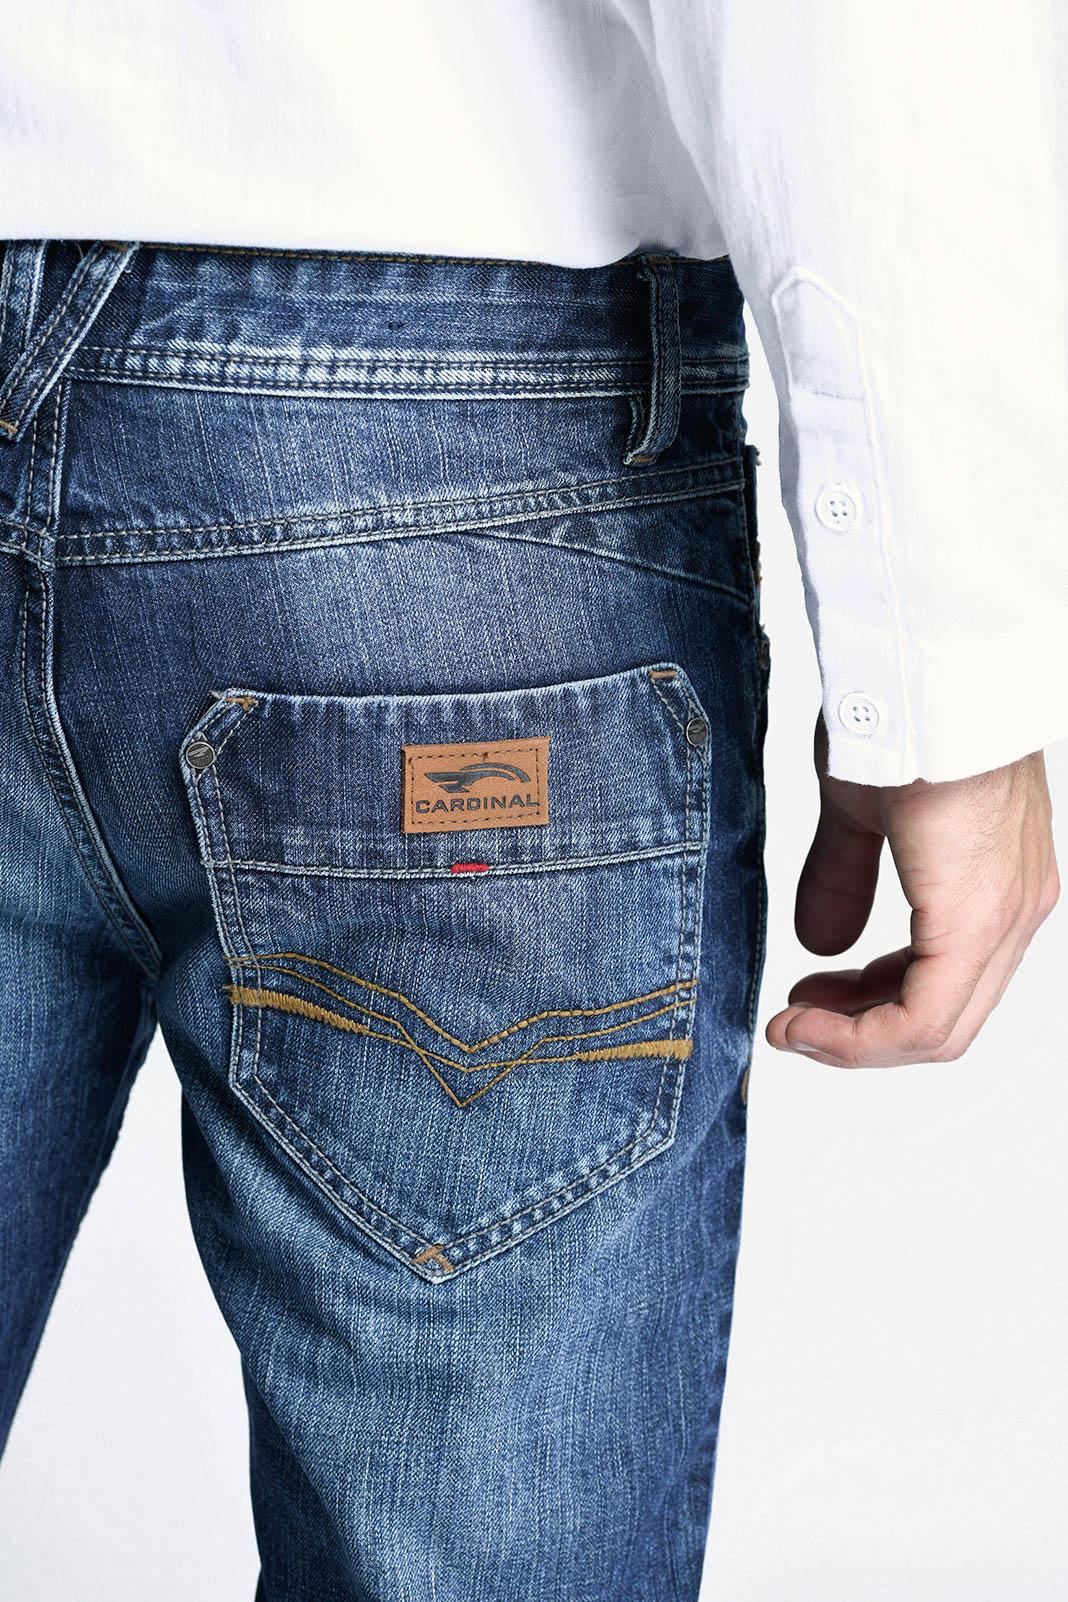 89+  Celana Jeans Cardinal Paling Baru Gratis